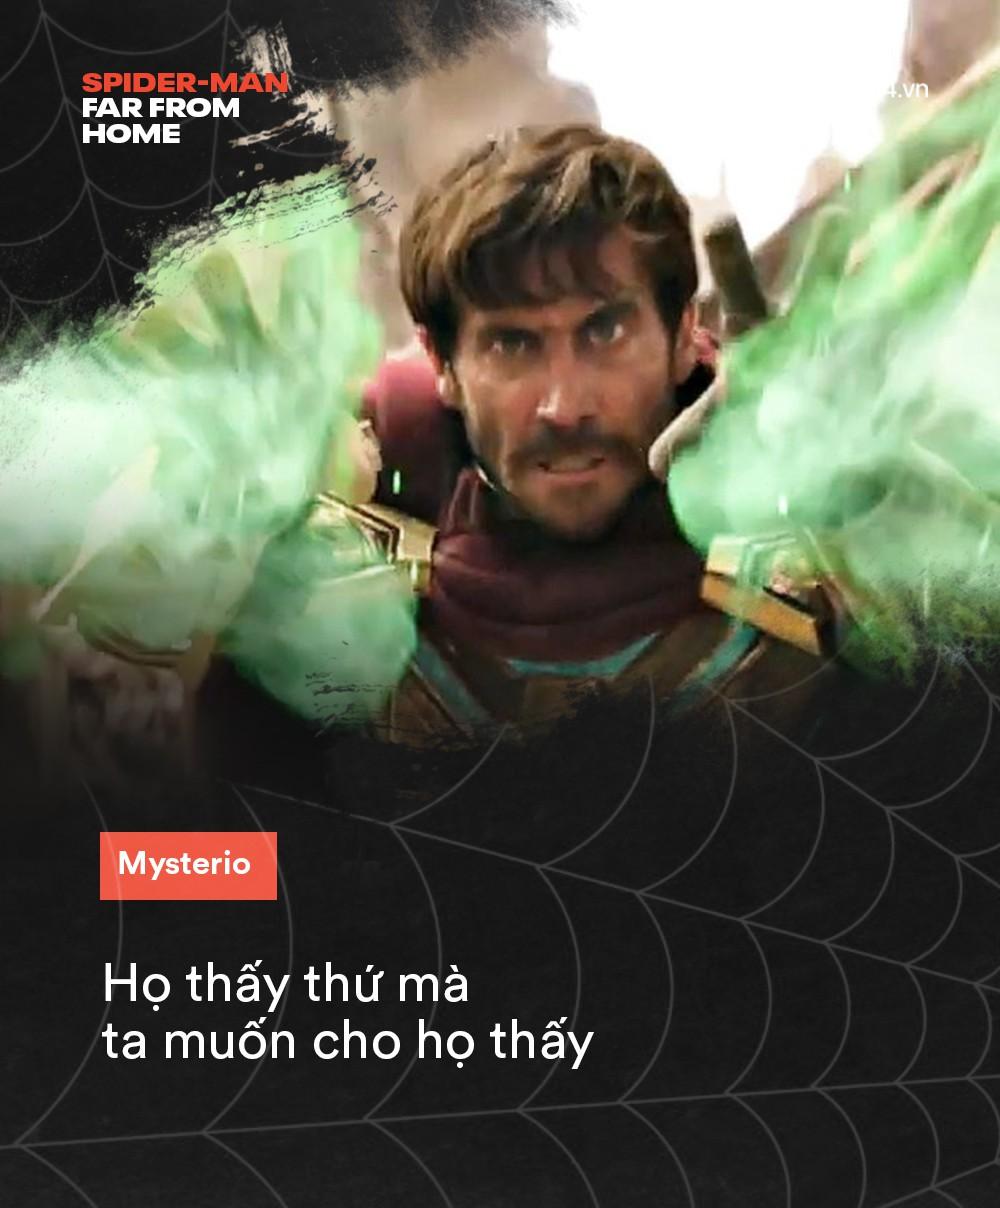 14 câu thoại cảm động trong FAR FROM HOME: Cậu để ý tớ chỉ vì tớ là Spider-Man à? - Ảnh 10.